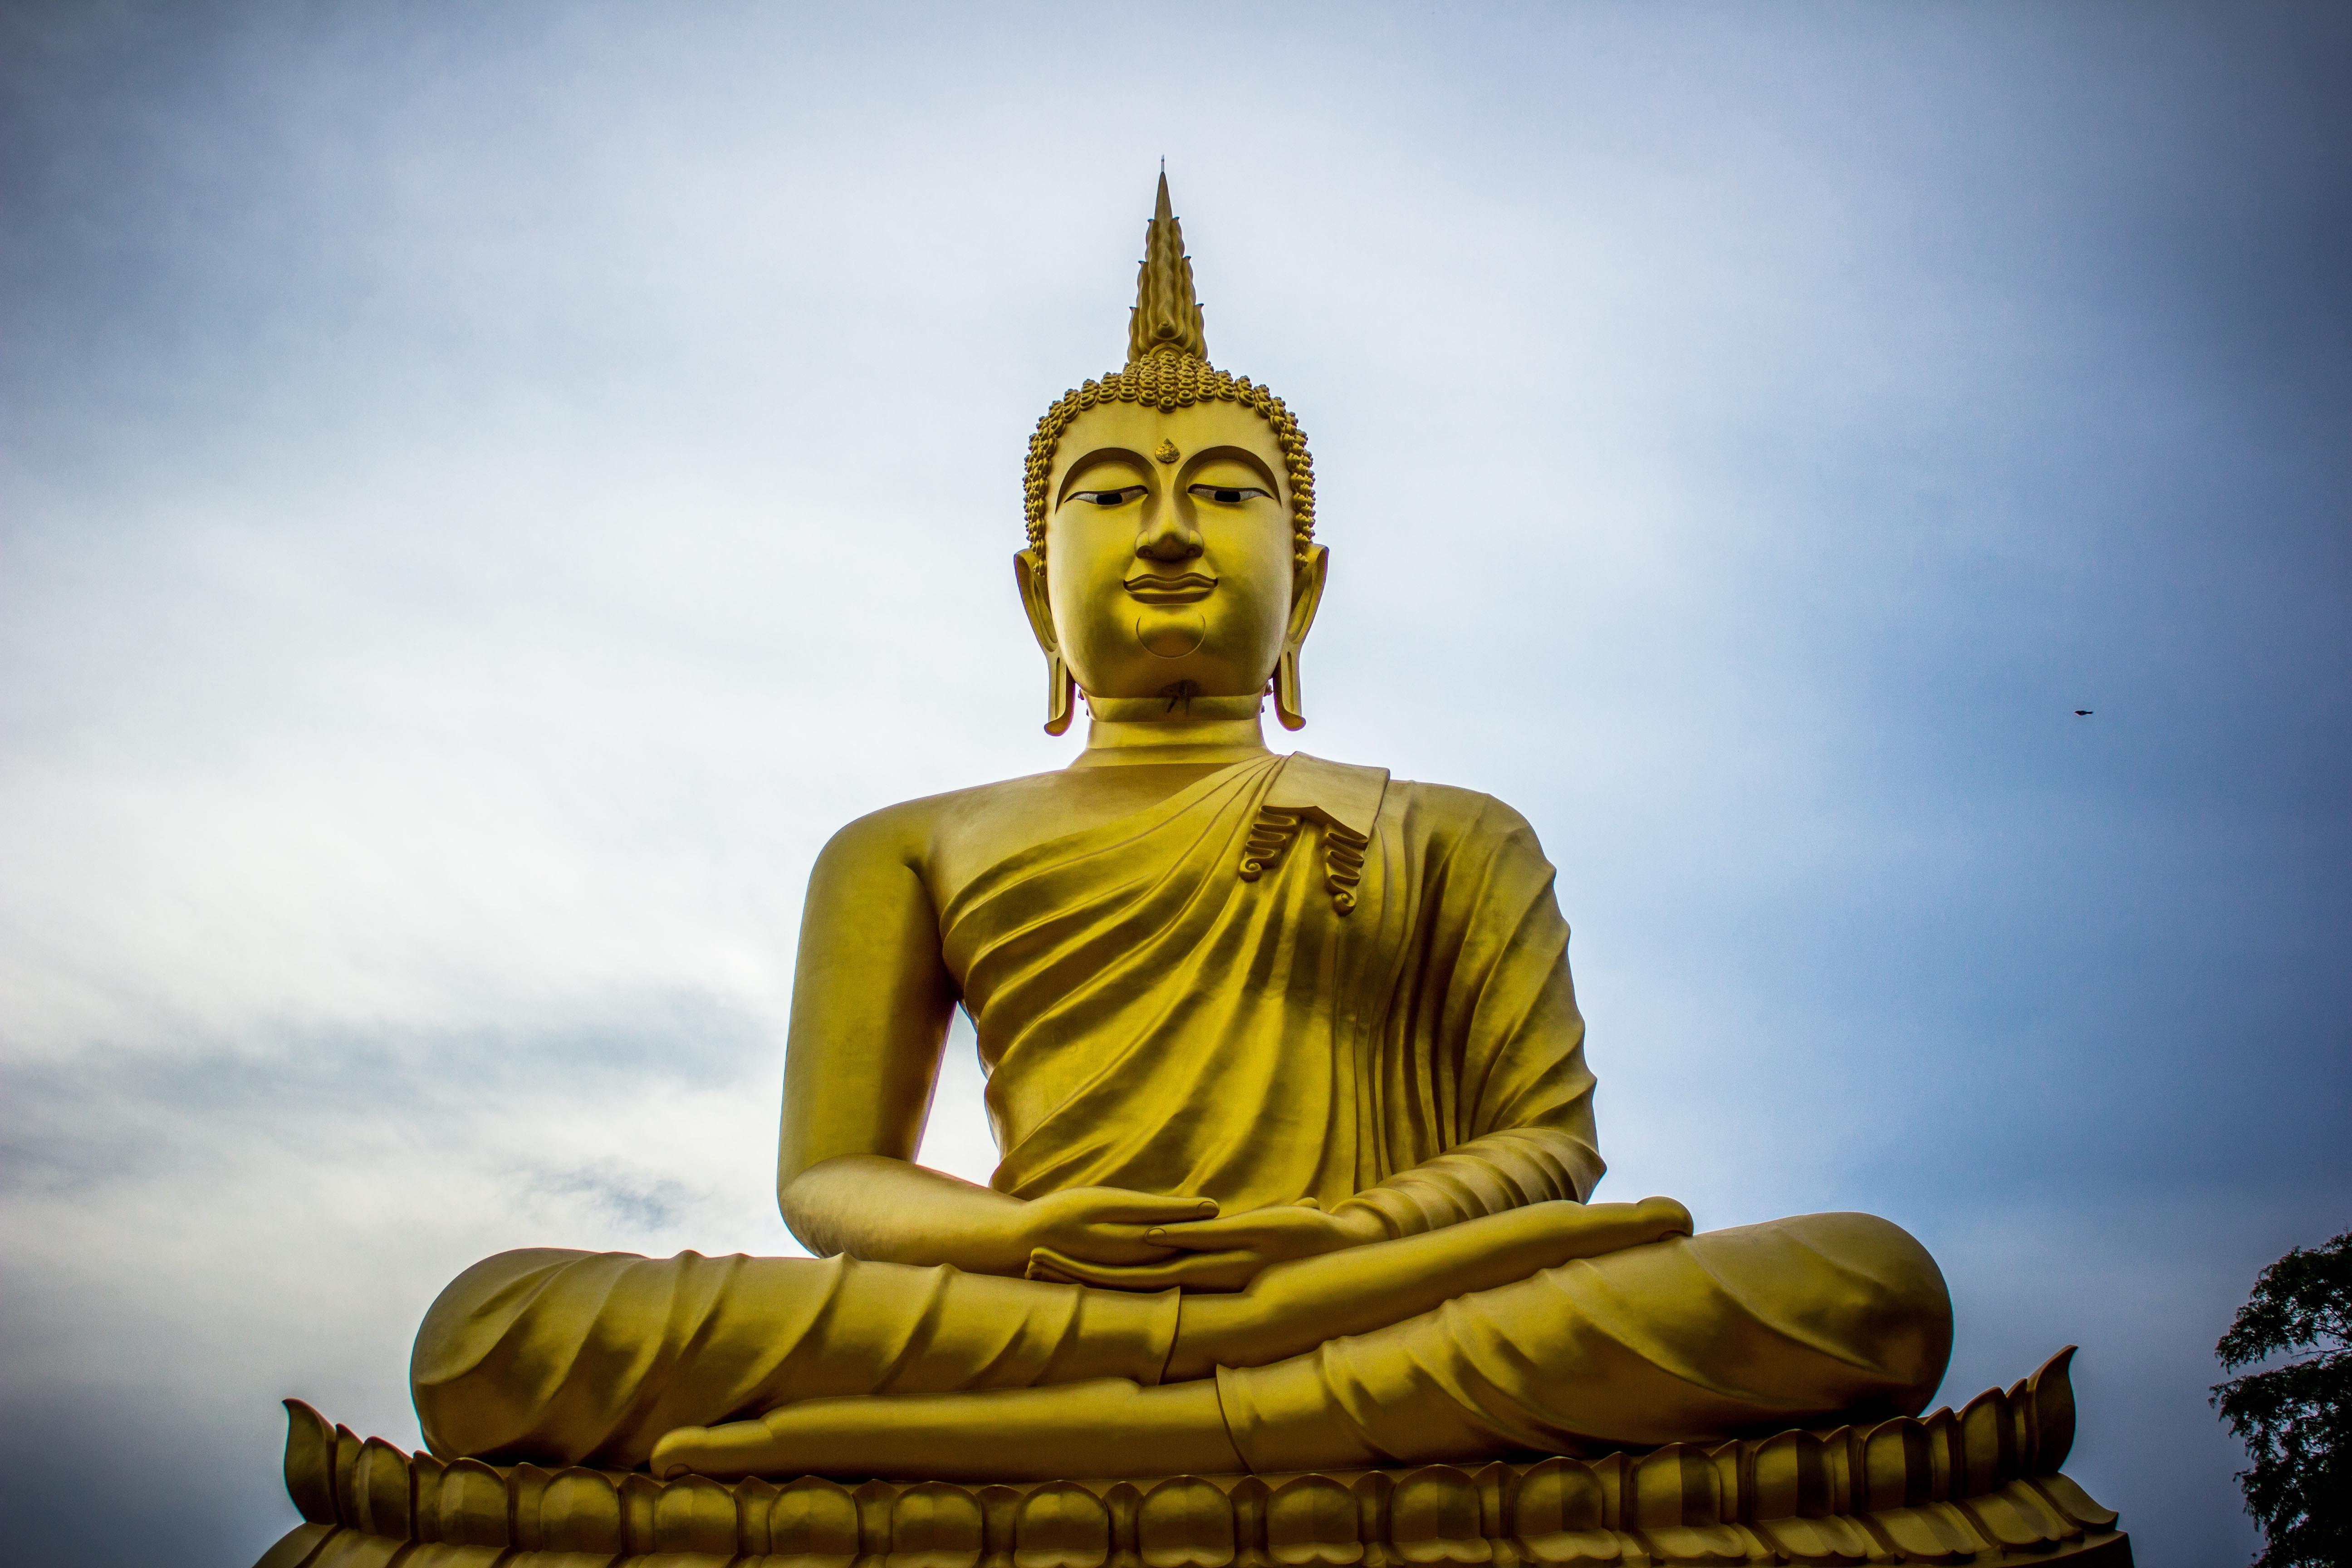 Cultura Asiatica - Emerald Buddha